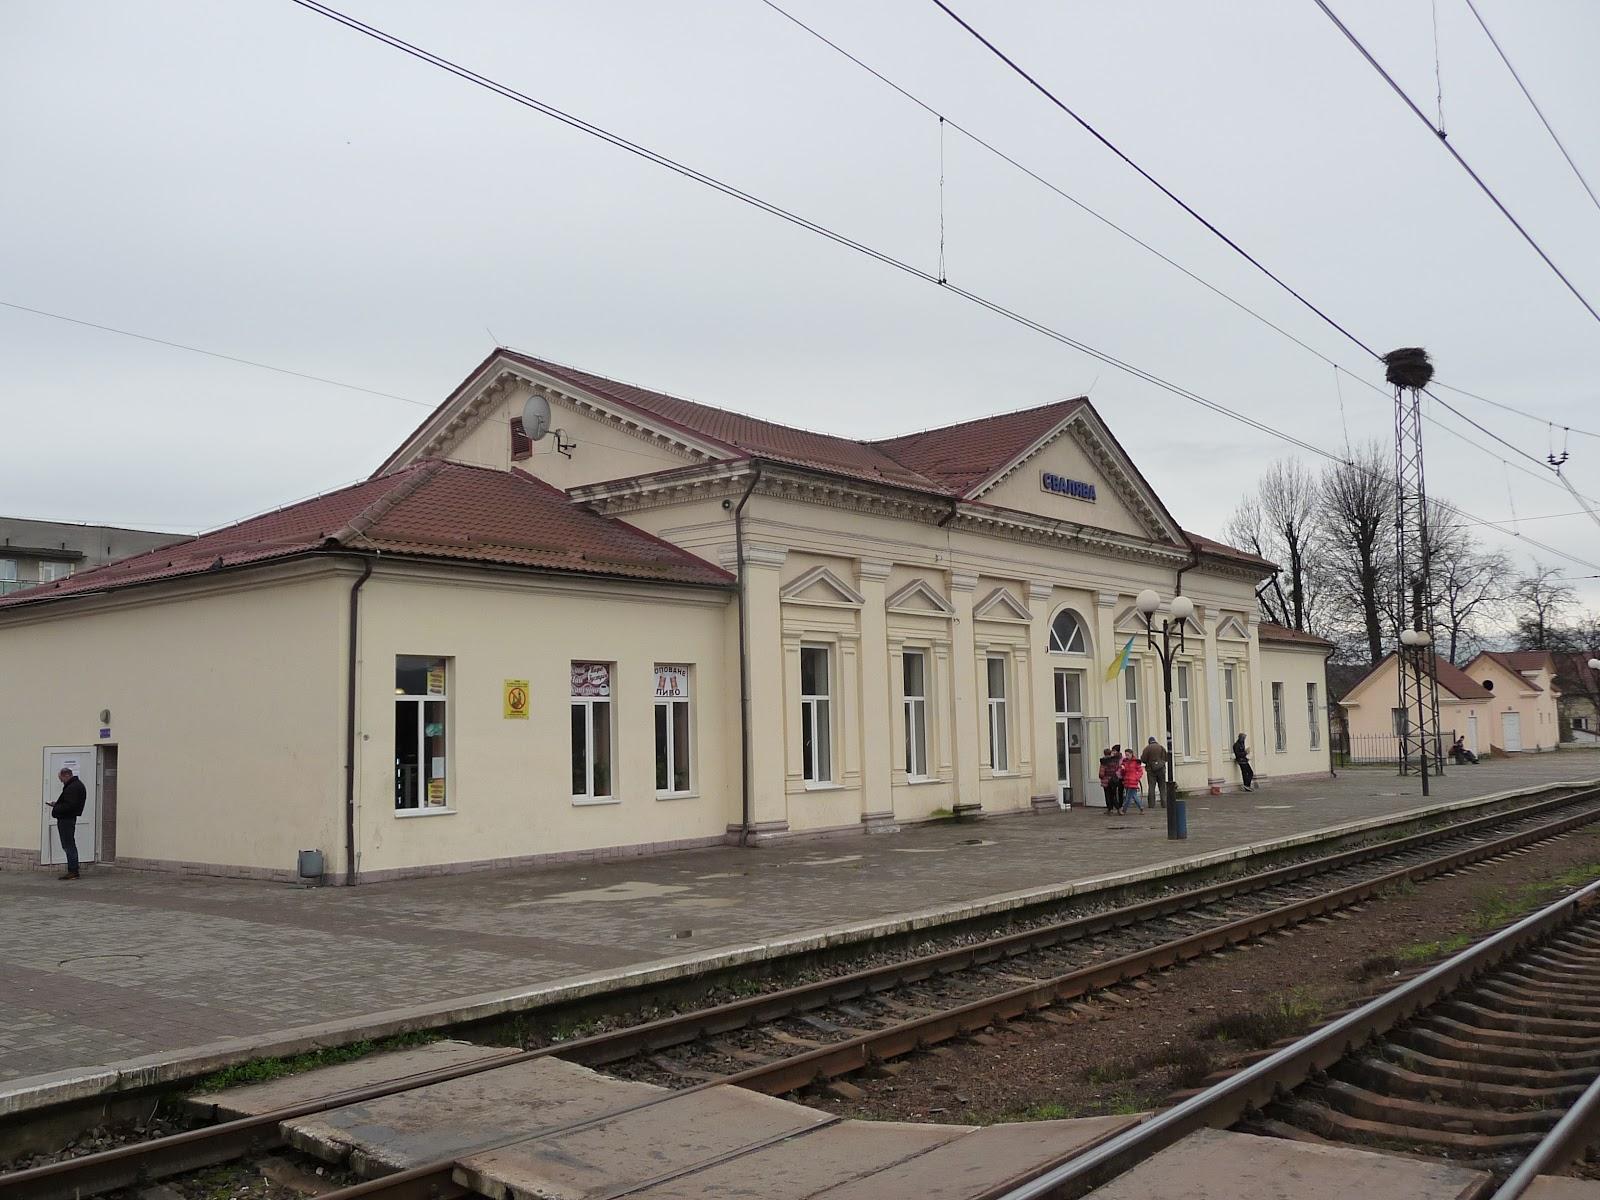 Свалява. Залізничний вокзал